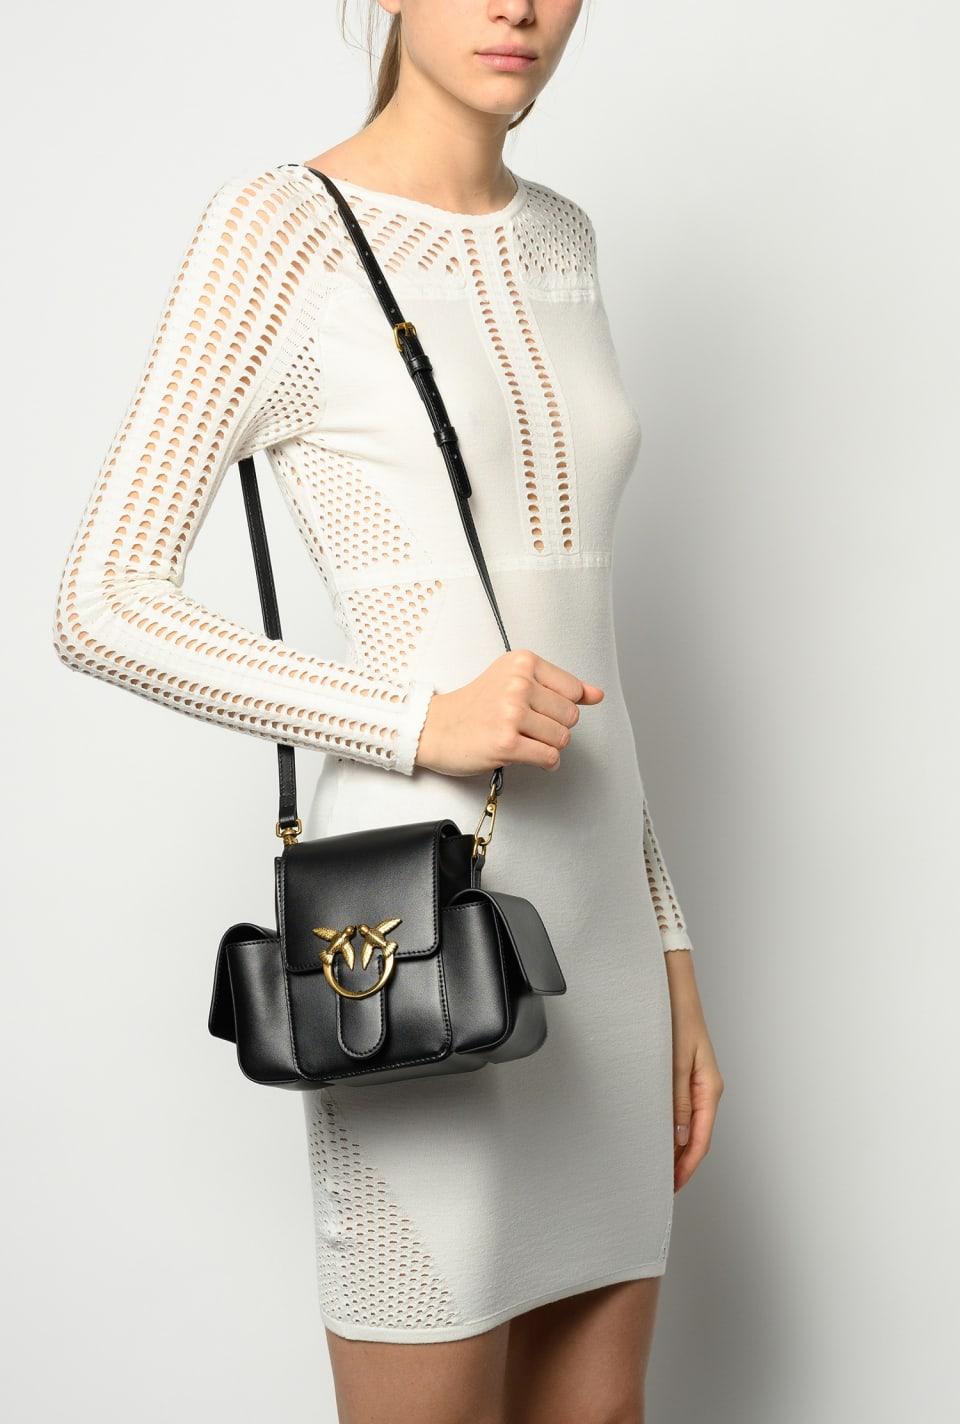 Smart Bag Simply - Pinko